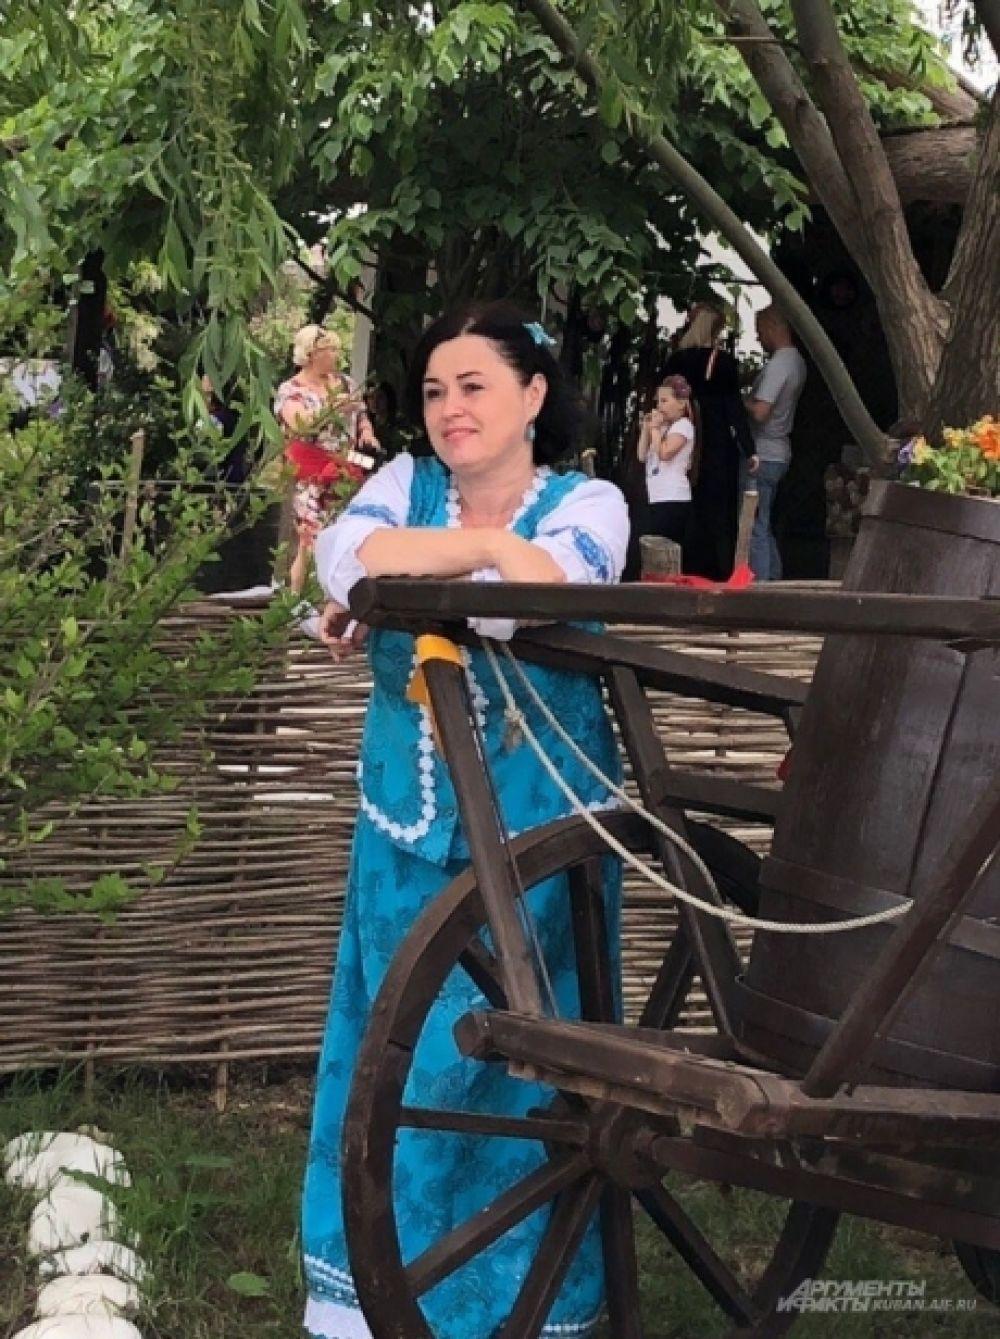 Казачки встречают гостей у подворий «Атамани» в традиционных костюмах.